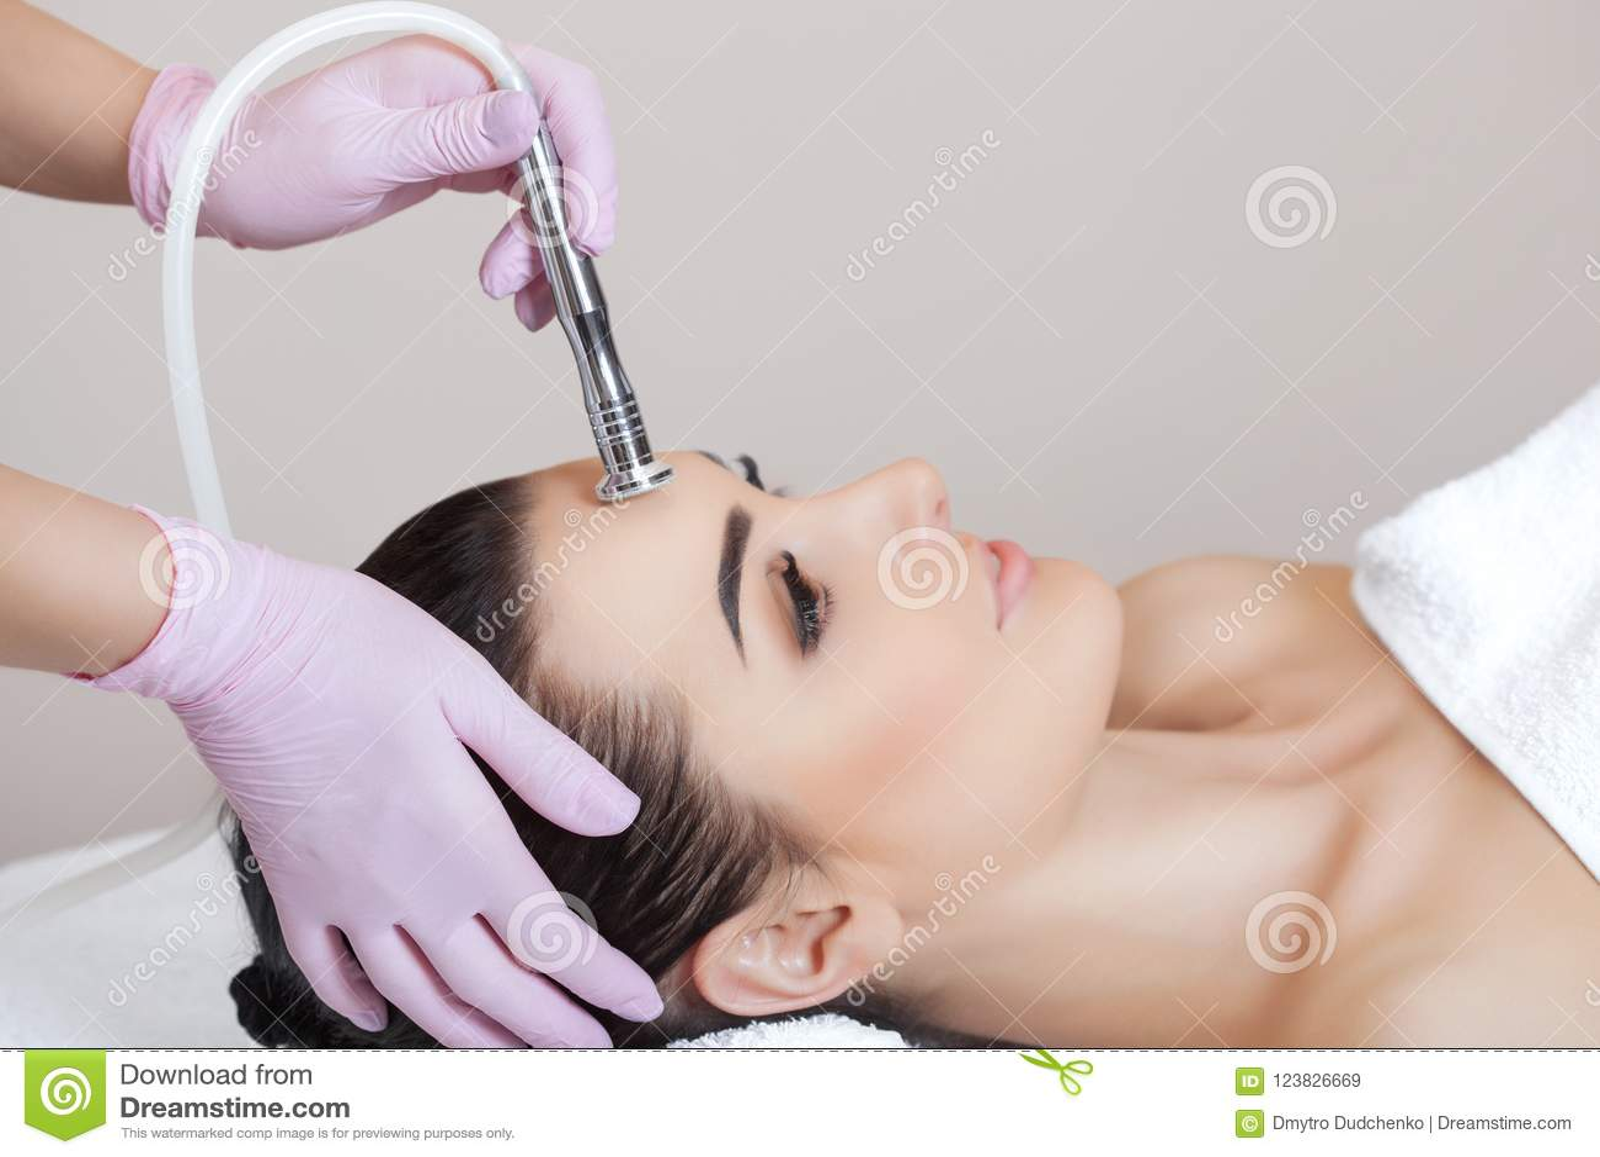 Cosmetologist maakt de procedure Microdermabrasion van de gezichtshuid van een mooie, jonge vrouw in een schoonheidssalon